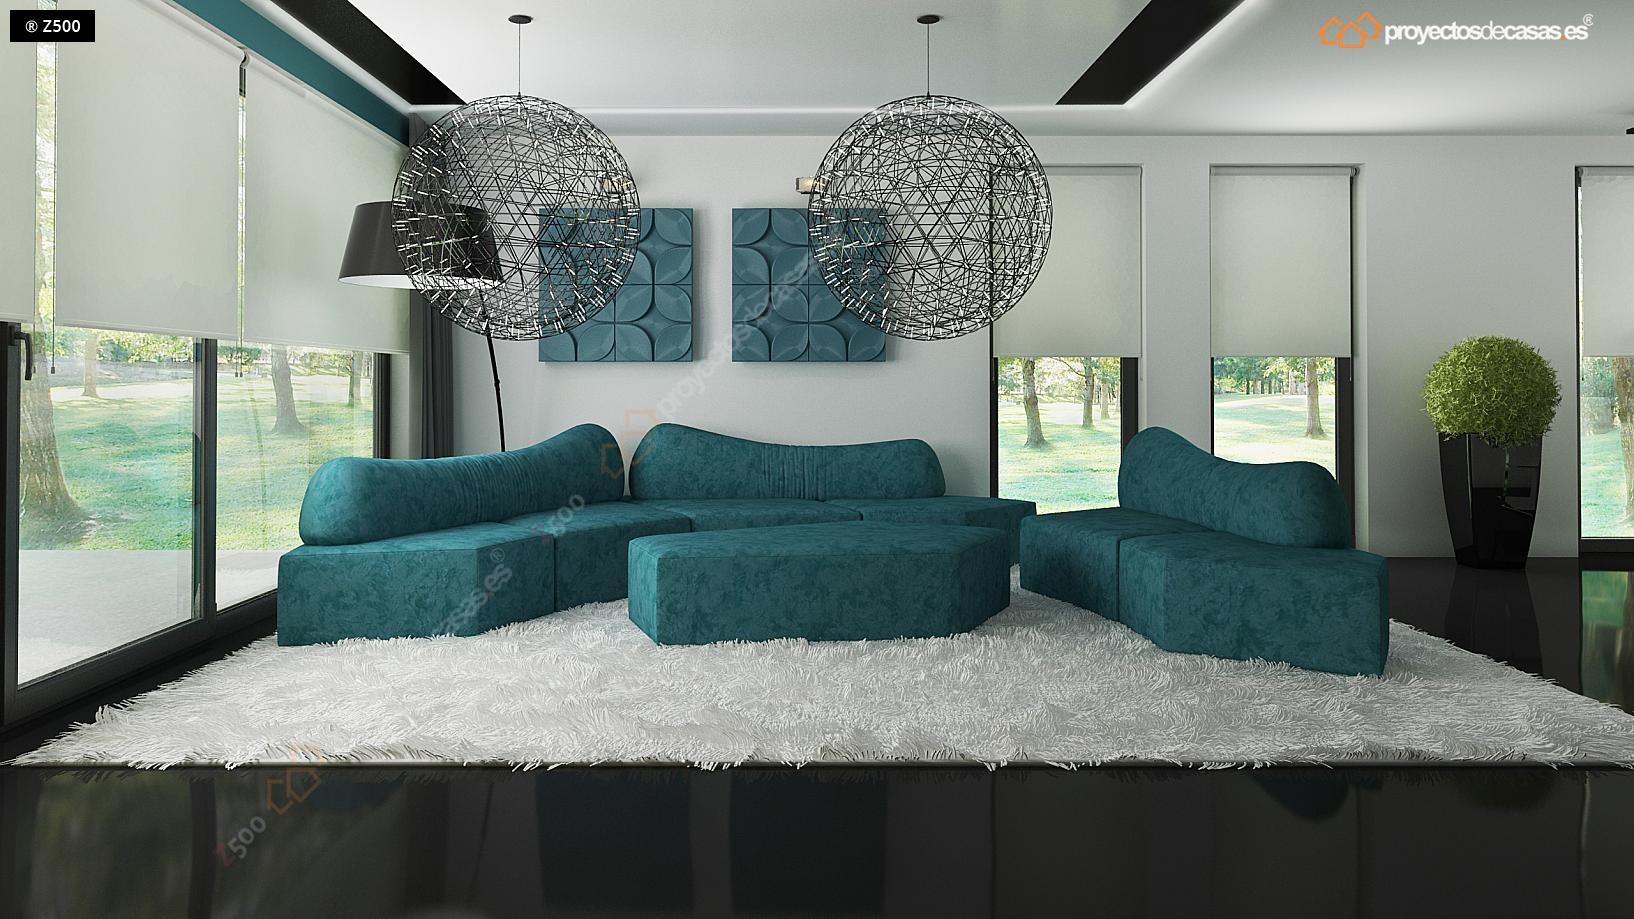 Proyectos de casas casa moderna con piscina - Salones de lujo ...